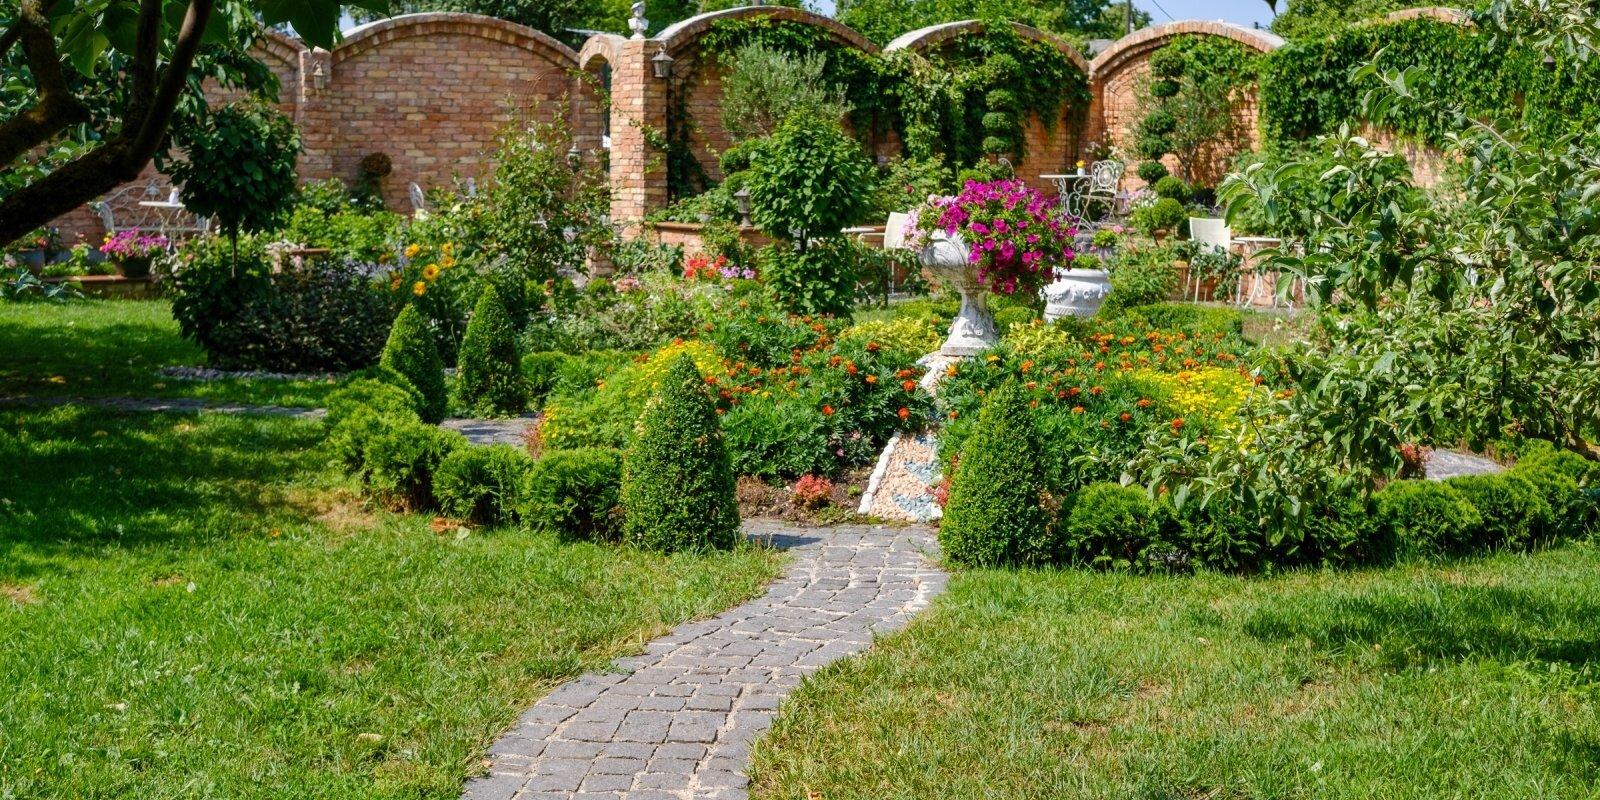 Вино и итальянский пейзаж в окружении роз: очаровательное кафе-сад в Яунциемсе